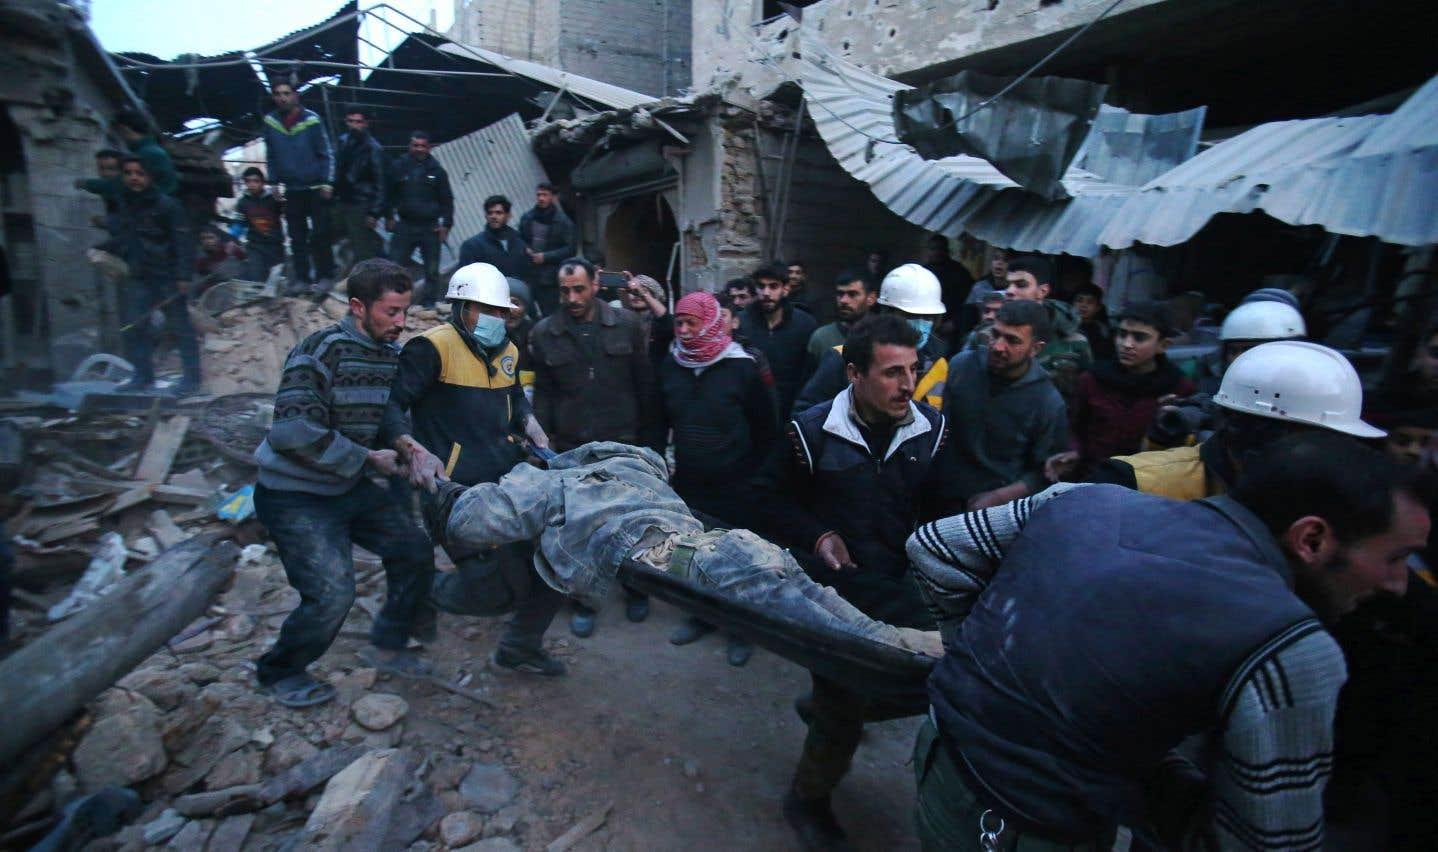 Les membres des forces de défense civile syriennes connues sous le nom de Casques blancs évacuent une victime à la suite de raids aériens à Arbine, dans la Ghouta orientale, vendredi.